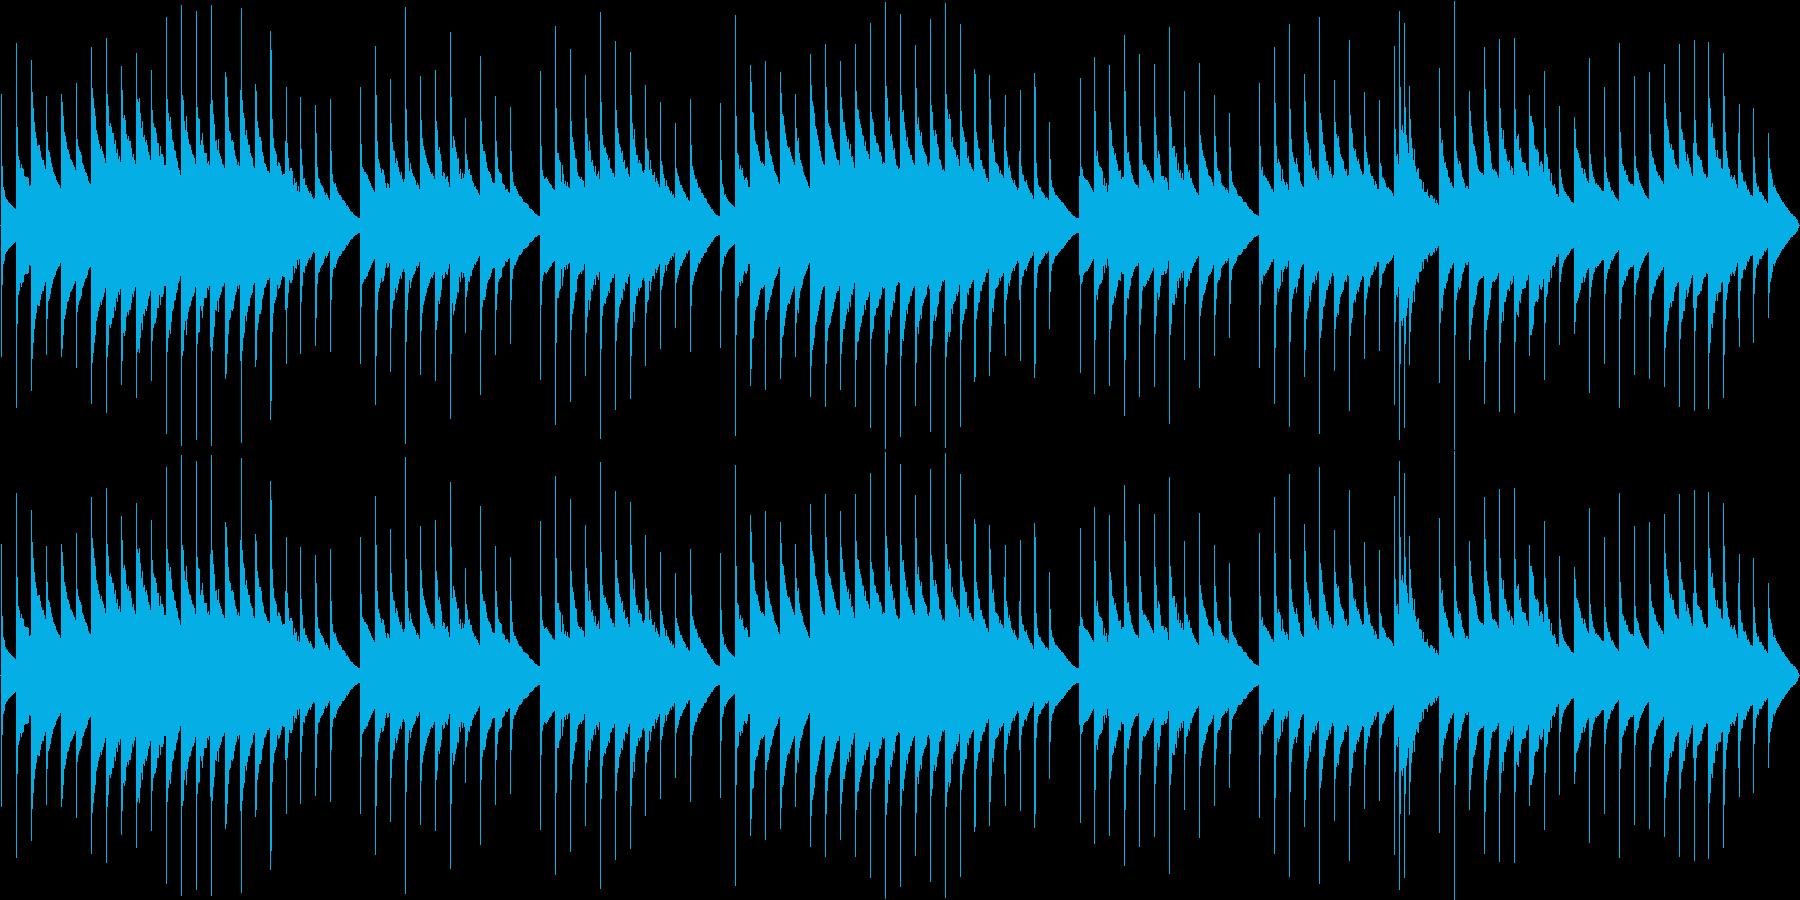 ほんわかとしたオルゴール曲(ループ用)の再生済みの波形